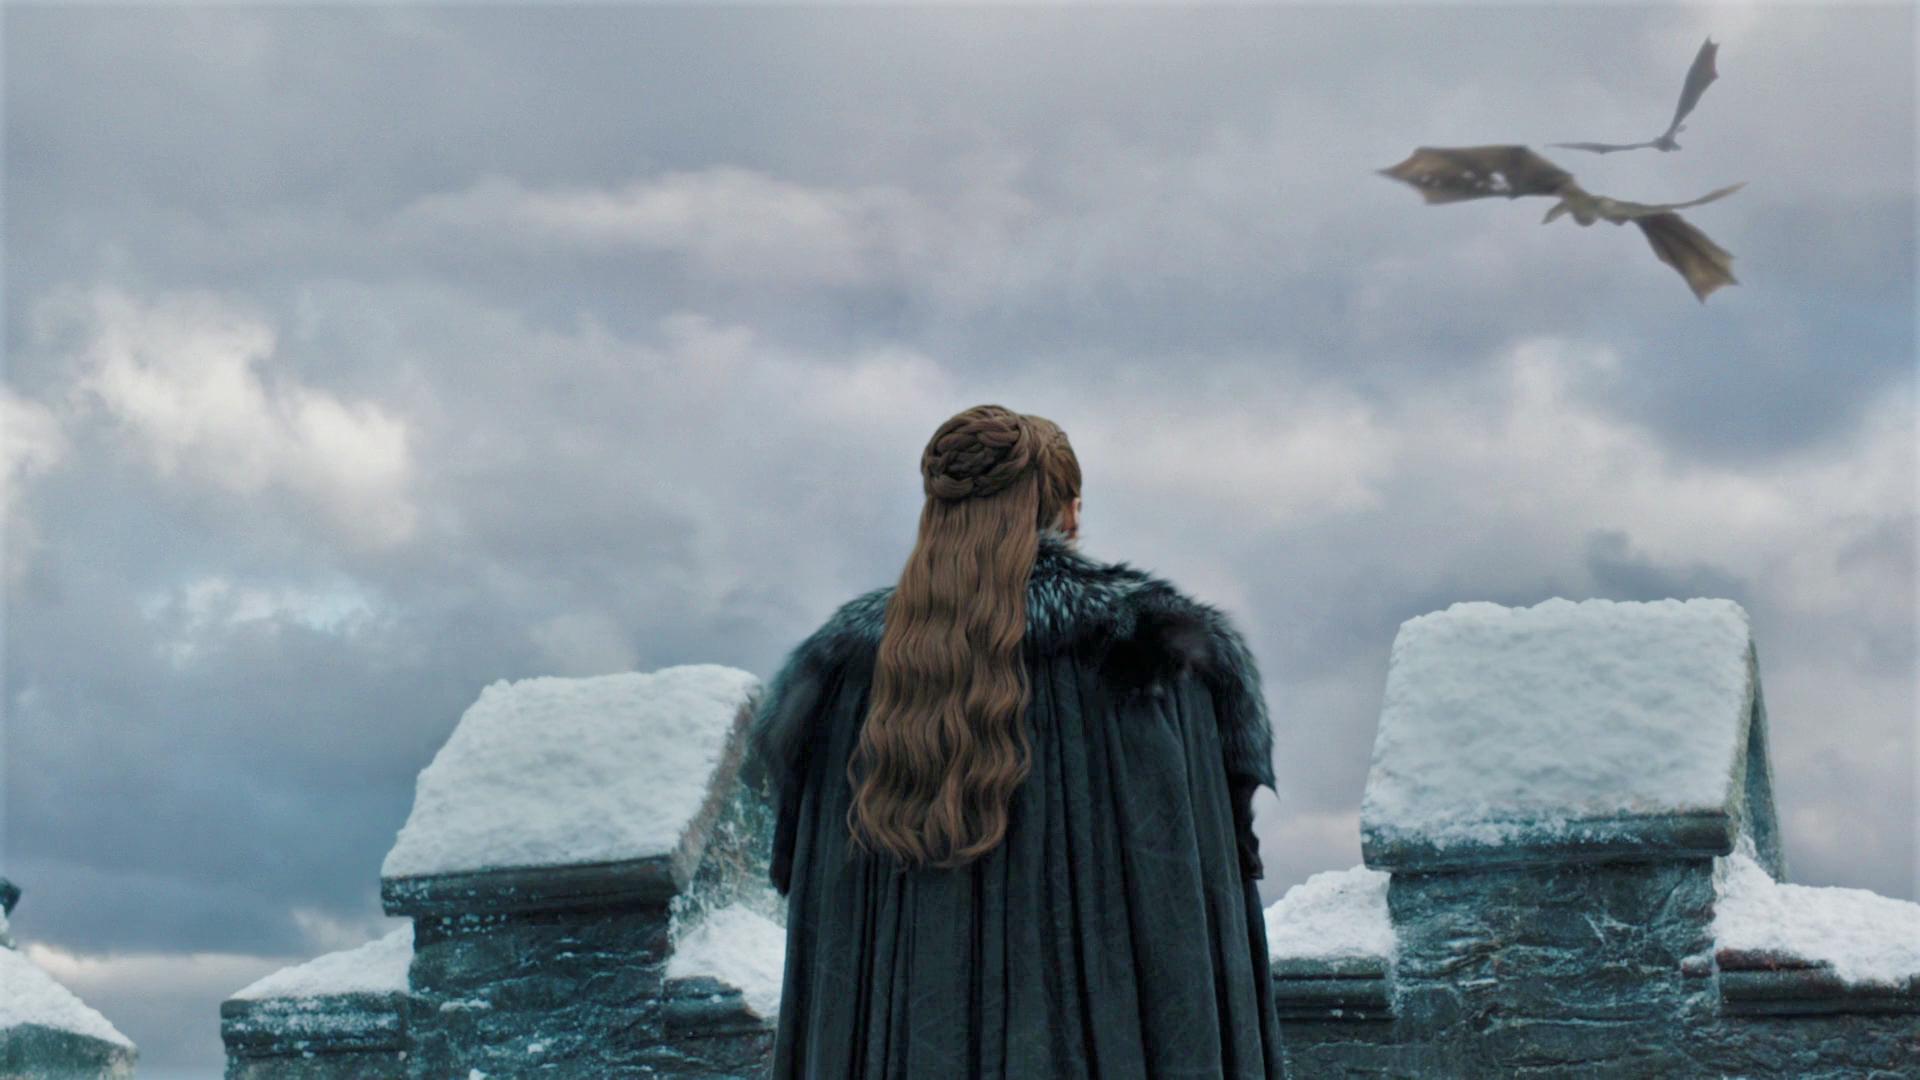 Sansa Stark Drogon Rhaegal Season 8 804